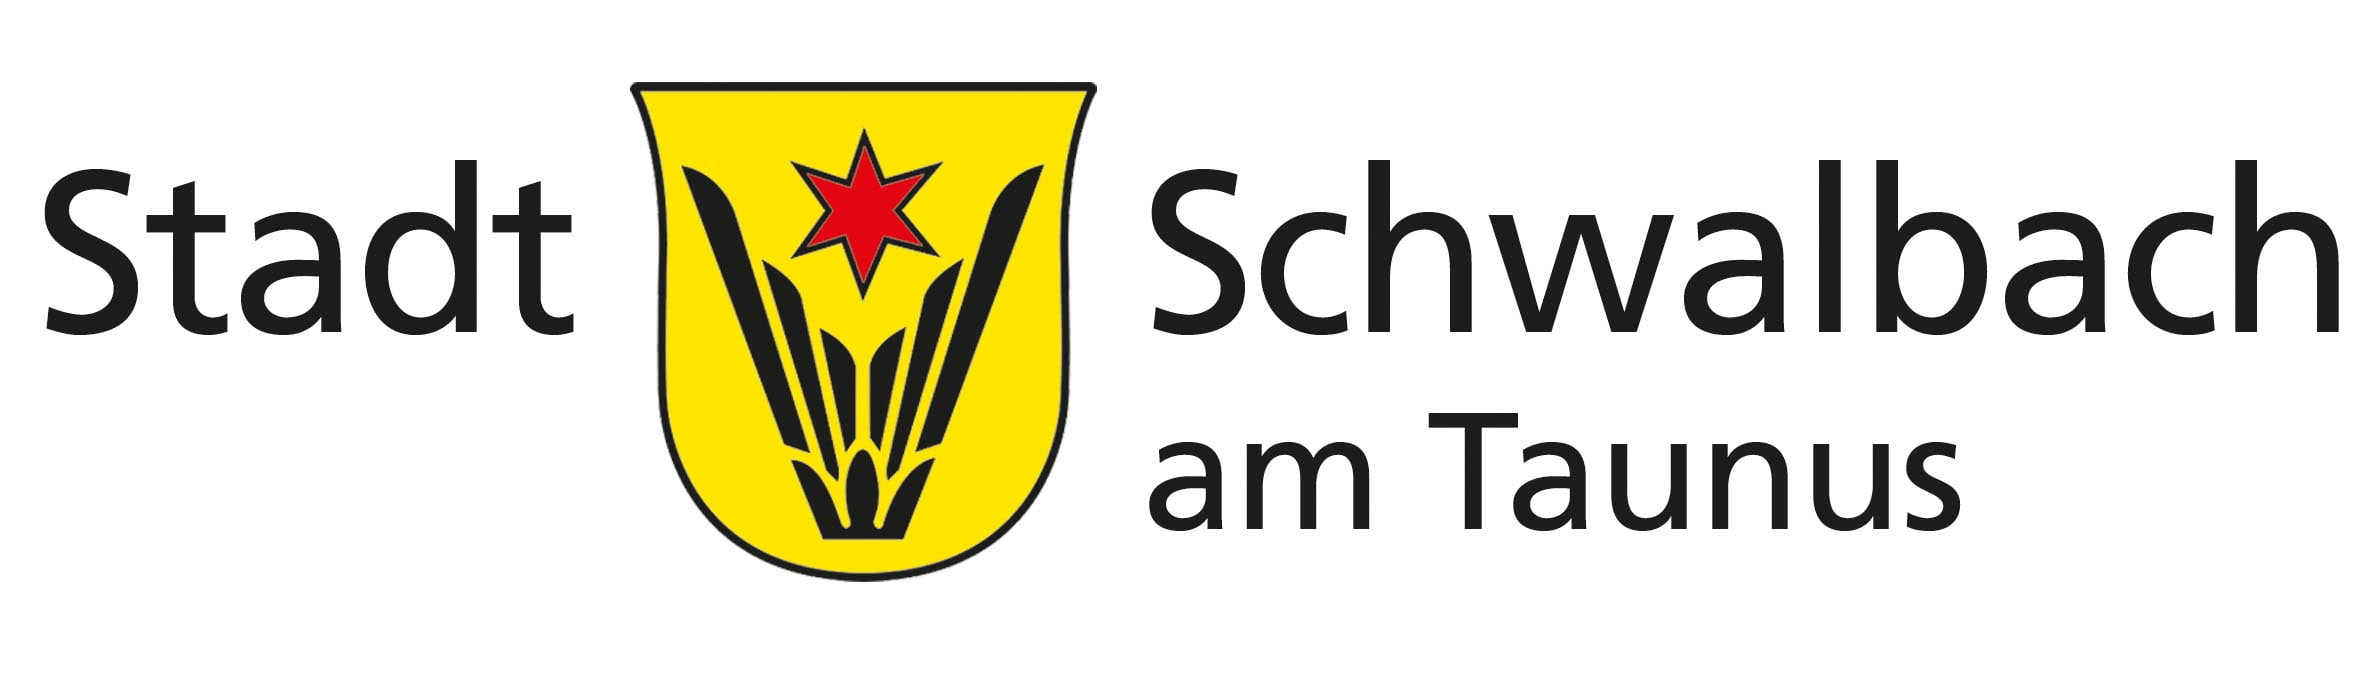 Stadt Schwalbach am Taunus